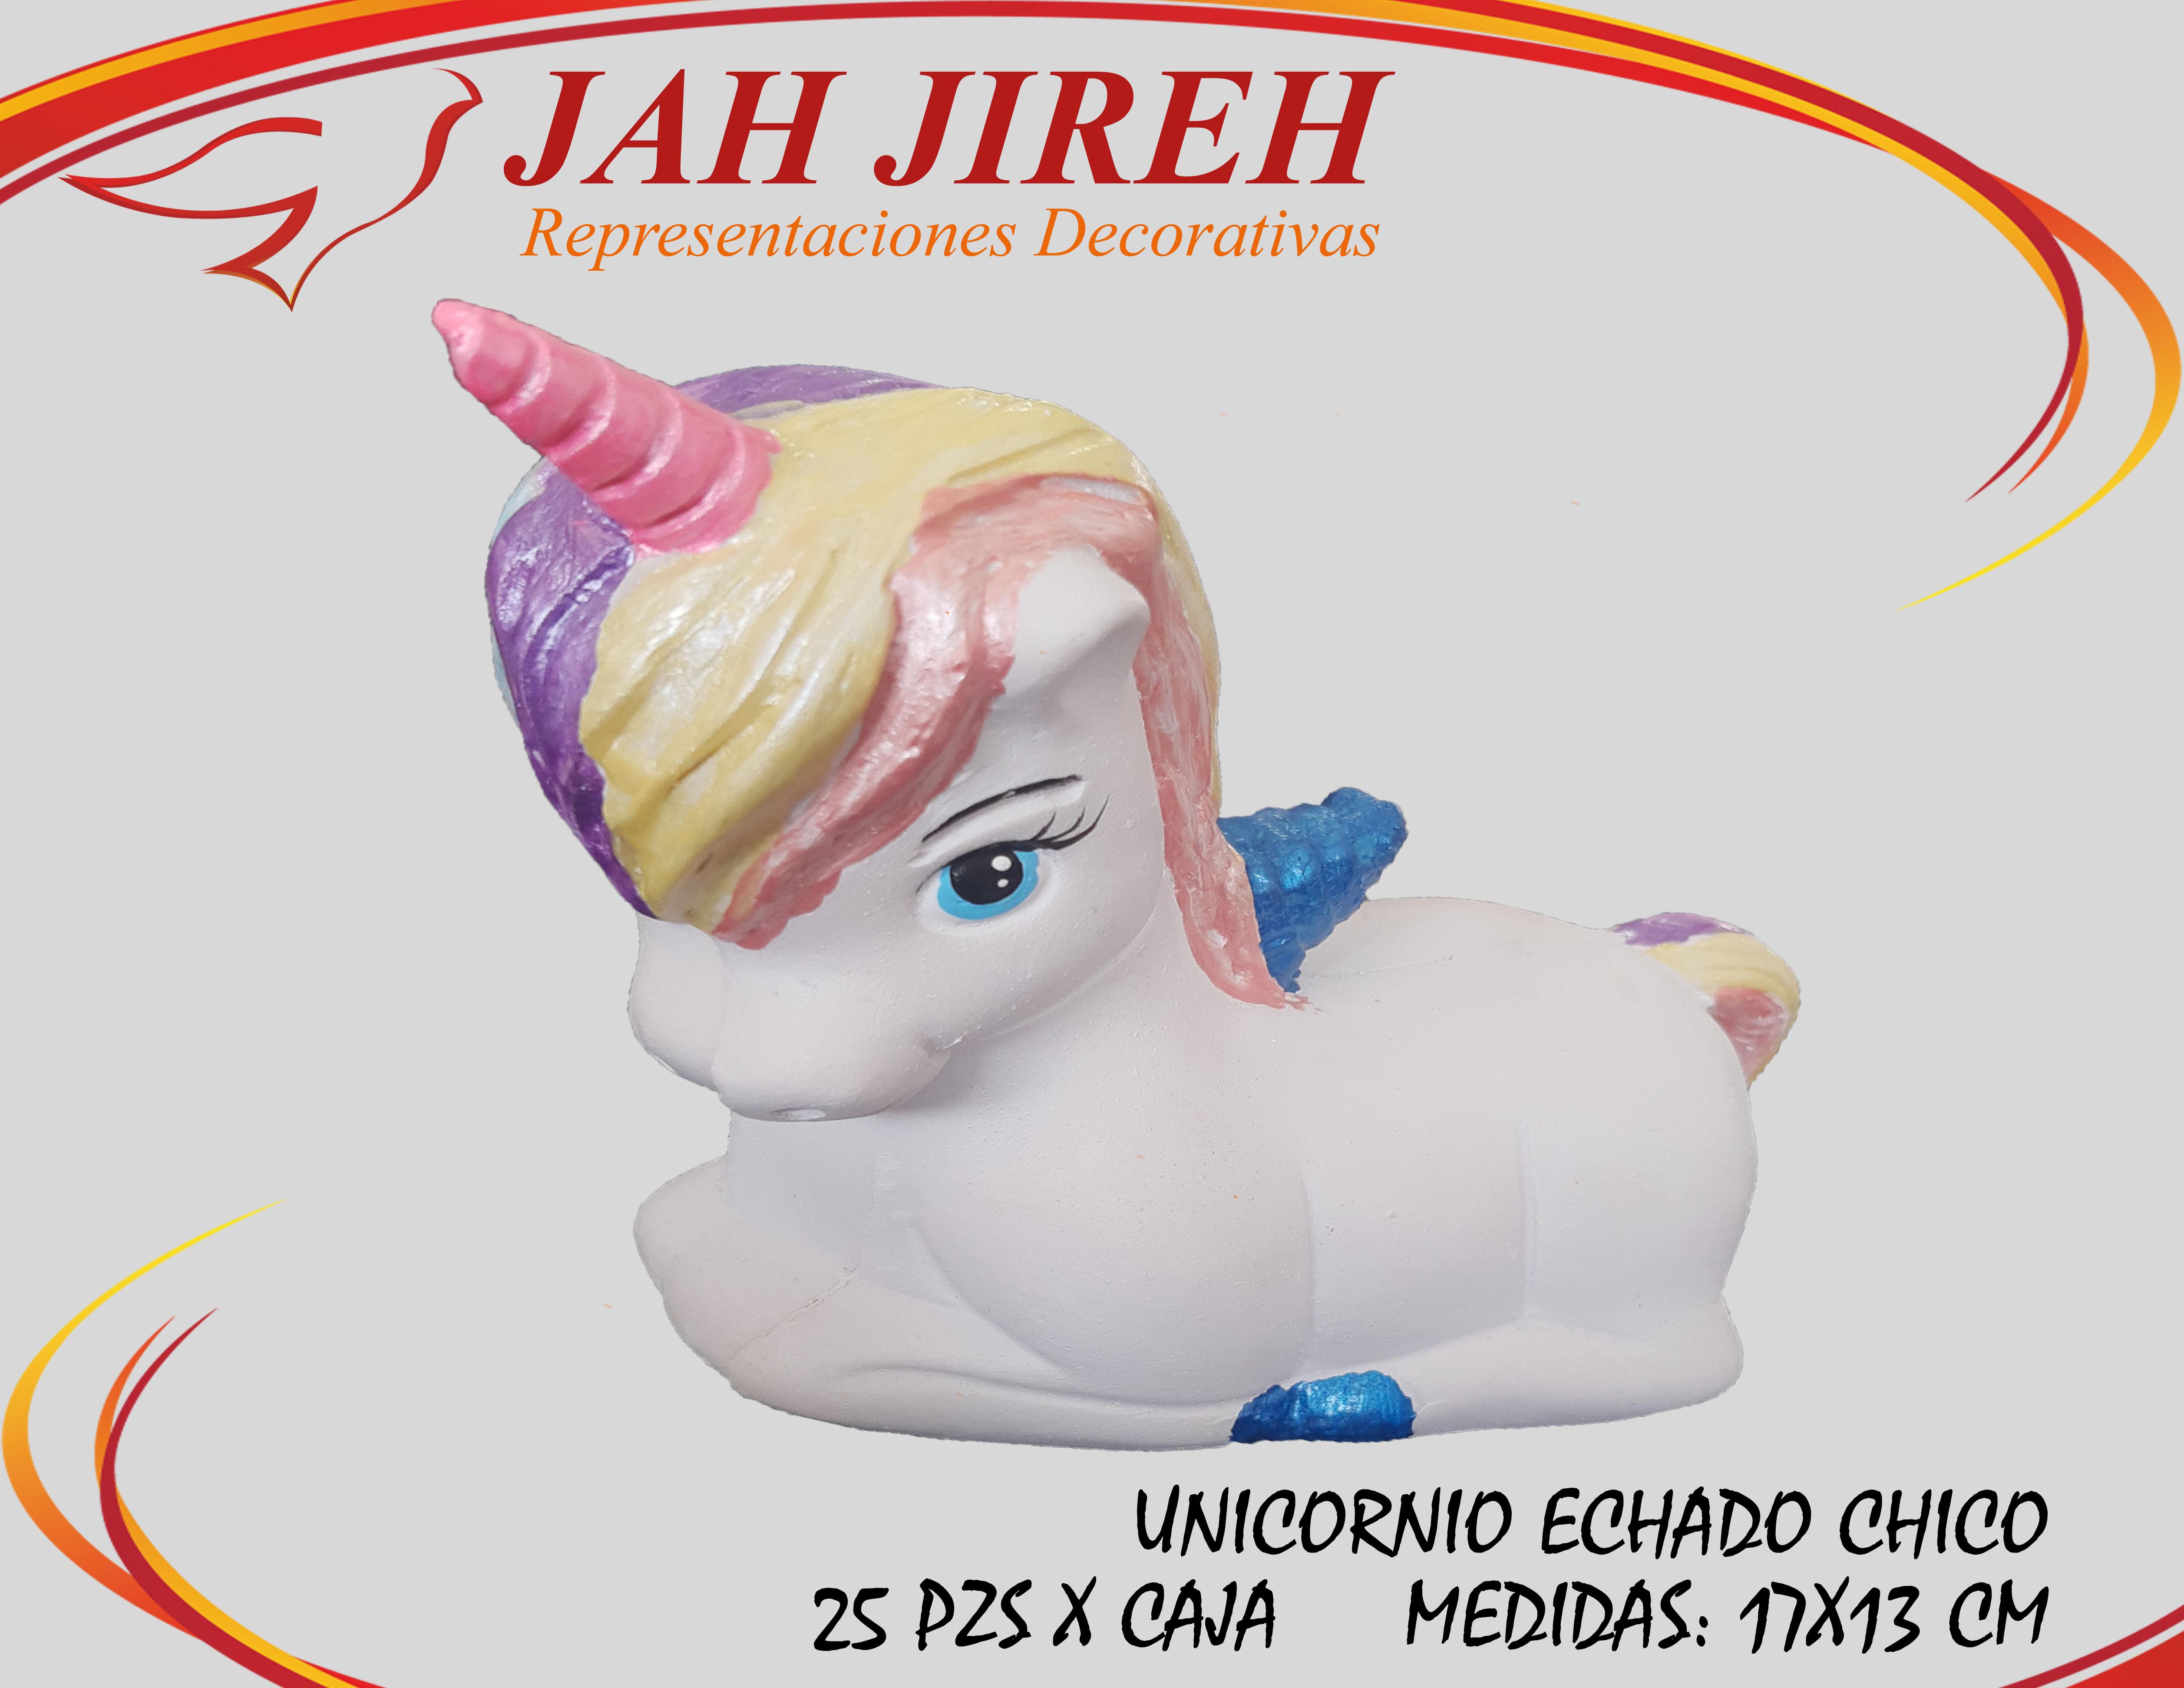 https://0201.nccdn.net/1_2/000/000/116/8ae/unicornio-echado-chico.jpg